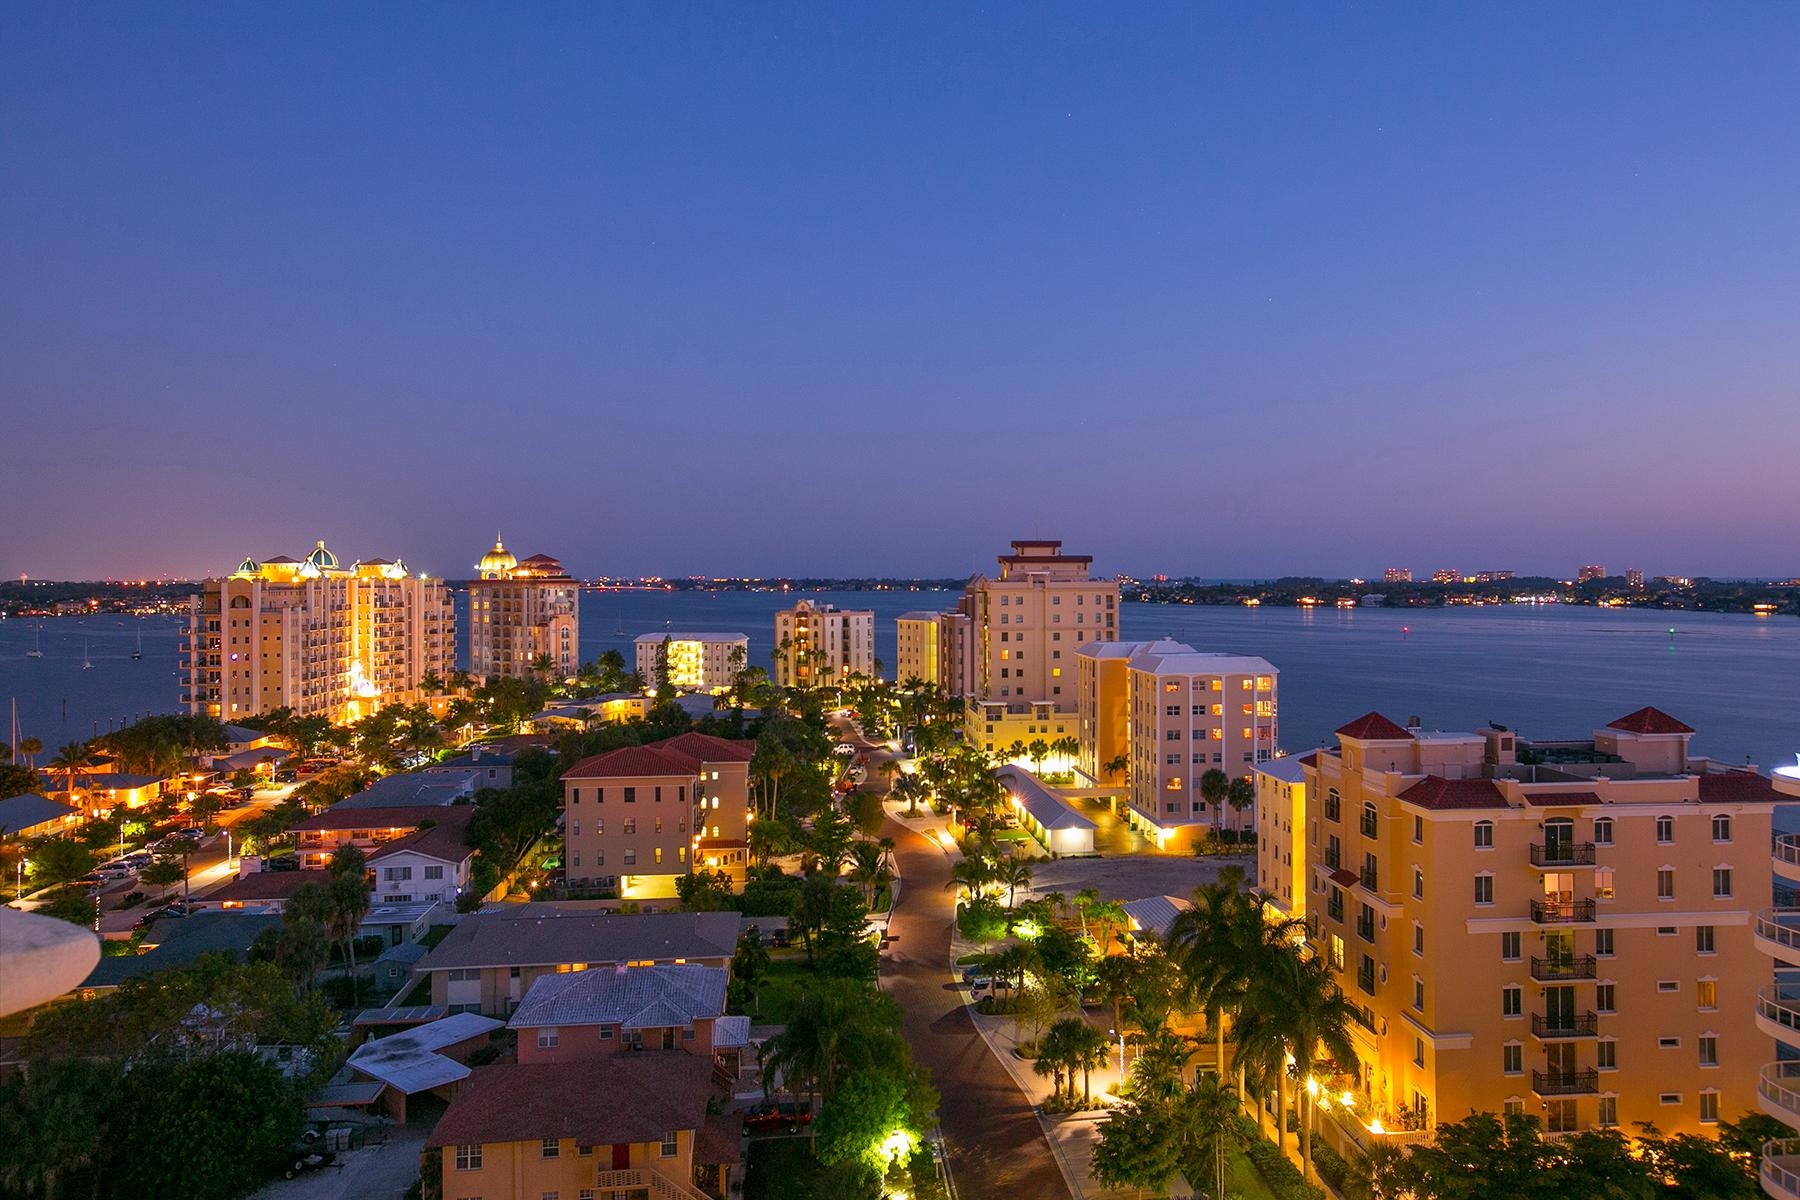 Nhà chung cư vì Bán tại GOLDEN GATE POINT 128 Golden Gate Pt 1001 Sarasota, Florida 34236 Hoa Kỳ